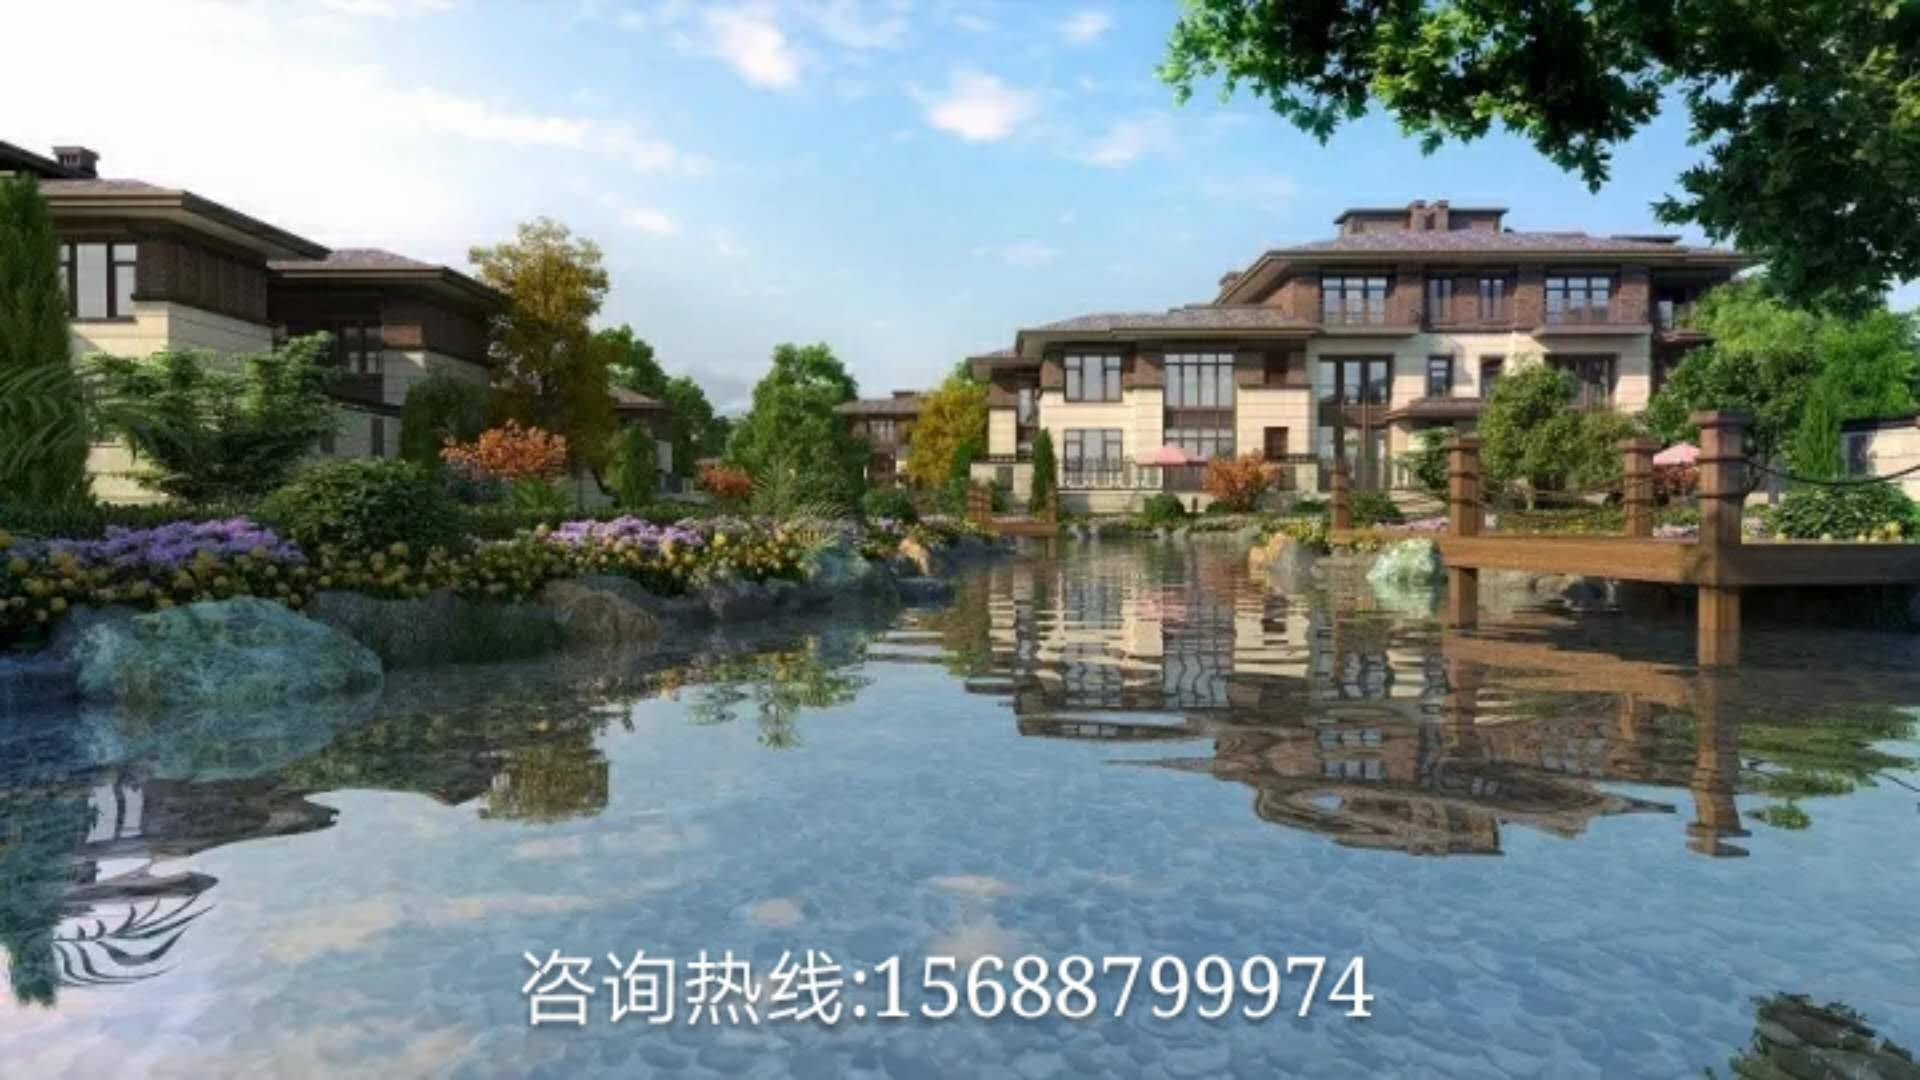 滨州2018新楼盘、别墅壹品别墅、碧桂园山钢原著出售淸溪图片